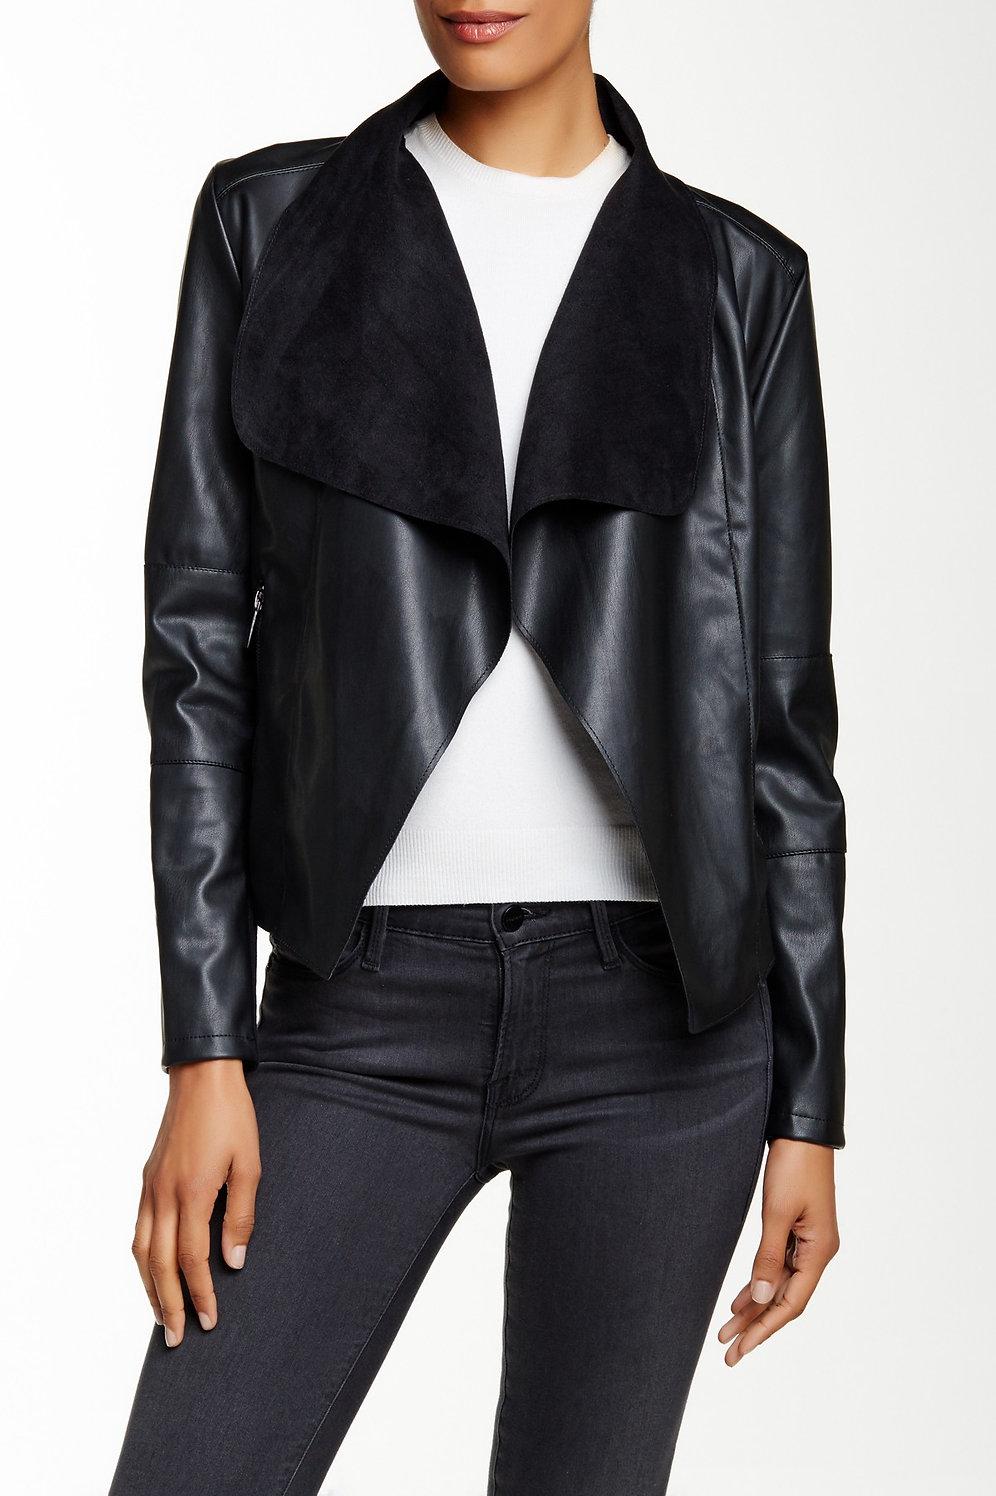 47759d513 Bagatelle Faux Leather Drape Jacket- Size Large